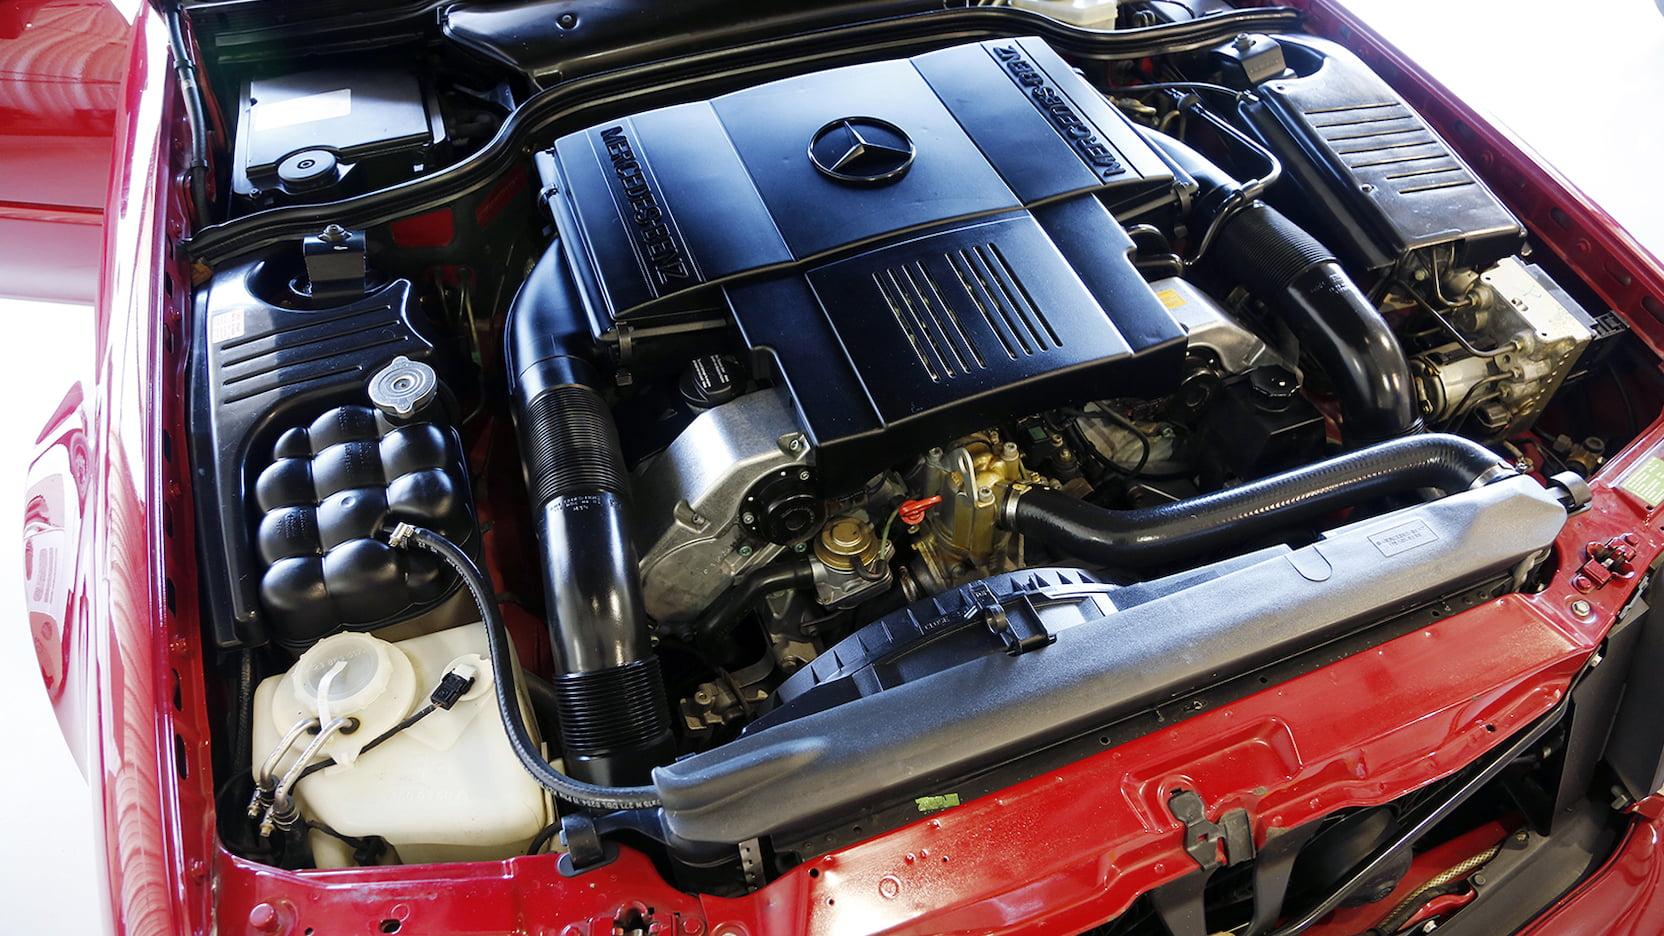 1996 Mercedes-Benz SL 500 engine